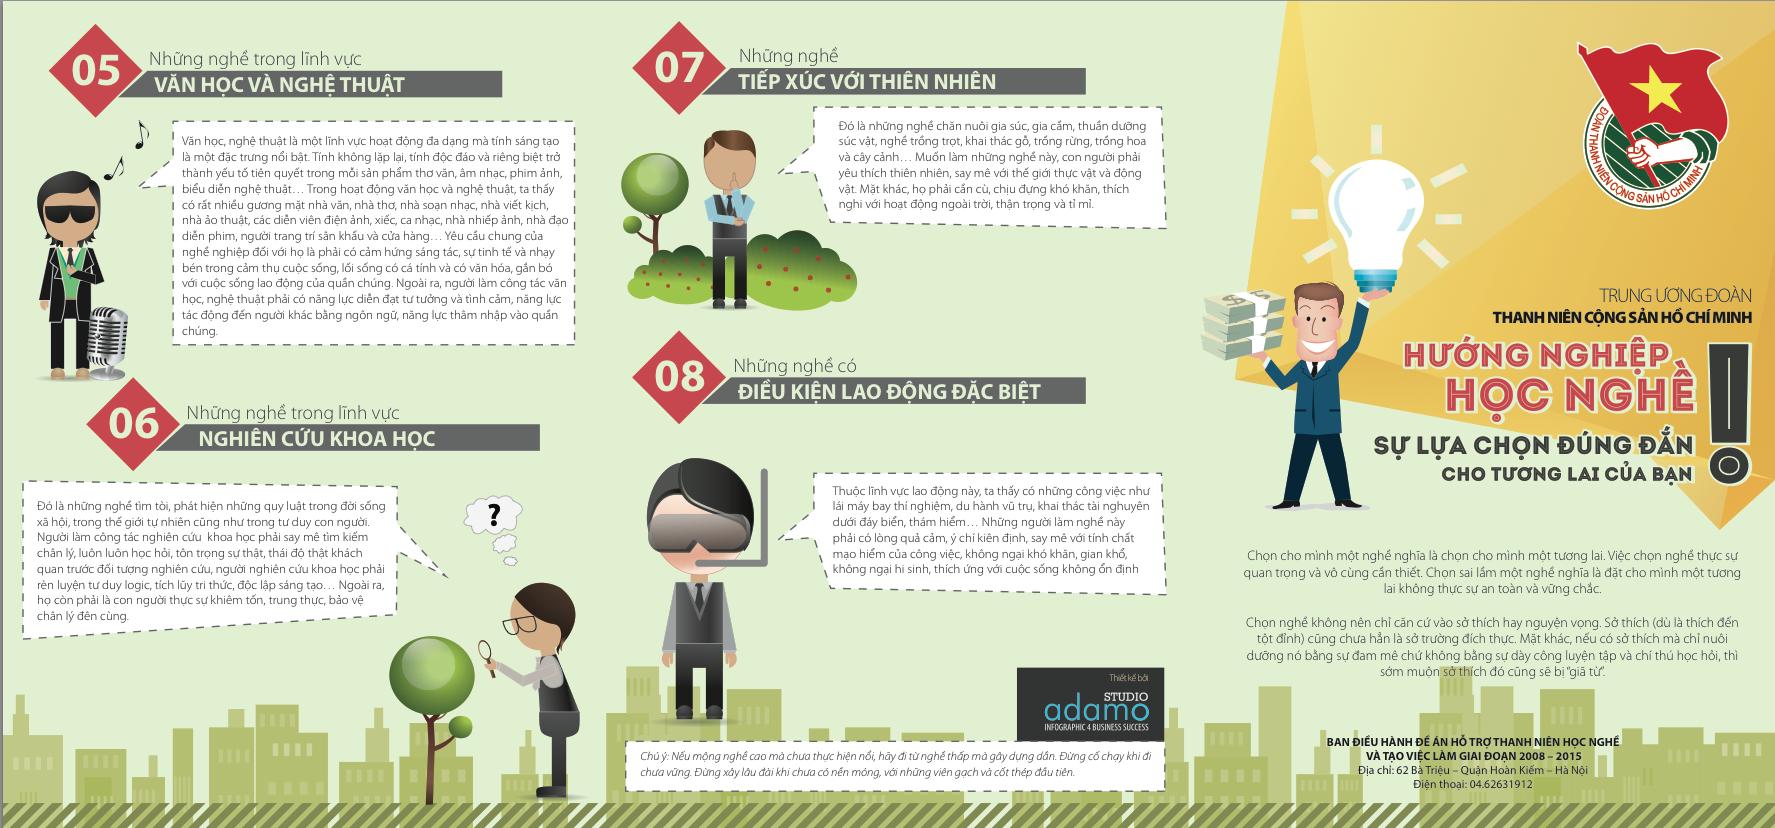 Brochure trẻ trung và hữu ích cho thanh niên [Infographic]